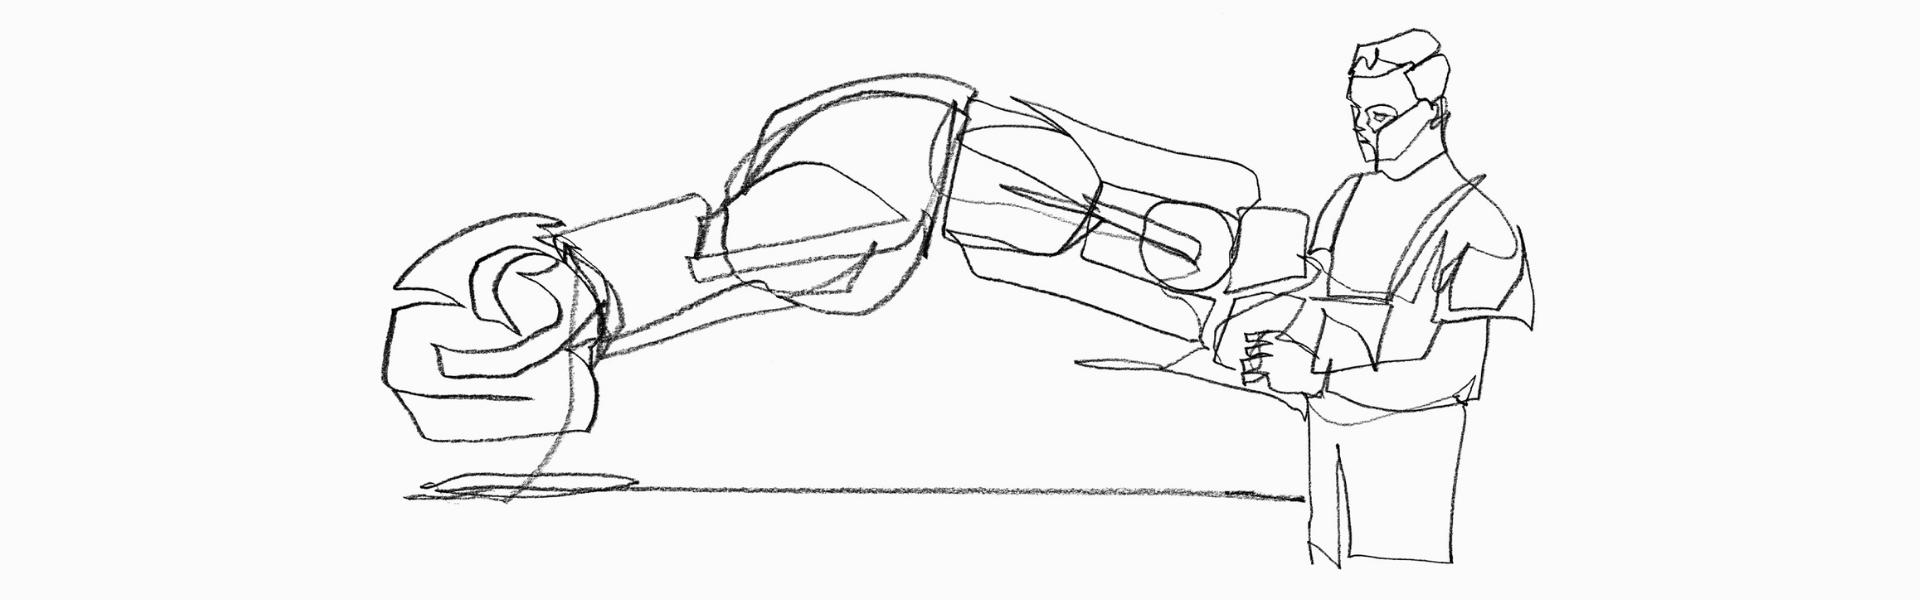 2021-03-audi-aSpoznavanje kompleksne tehnologije avtomatizacije je del večplastnih certifikacijskih programov pri Audiju.cademy-digitalization-01-banner